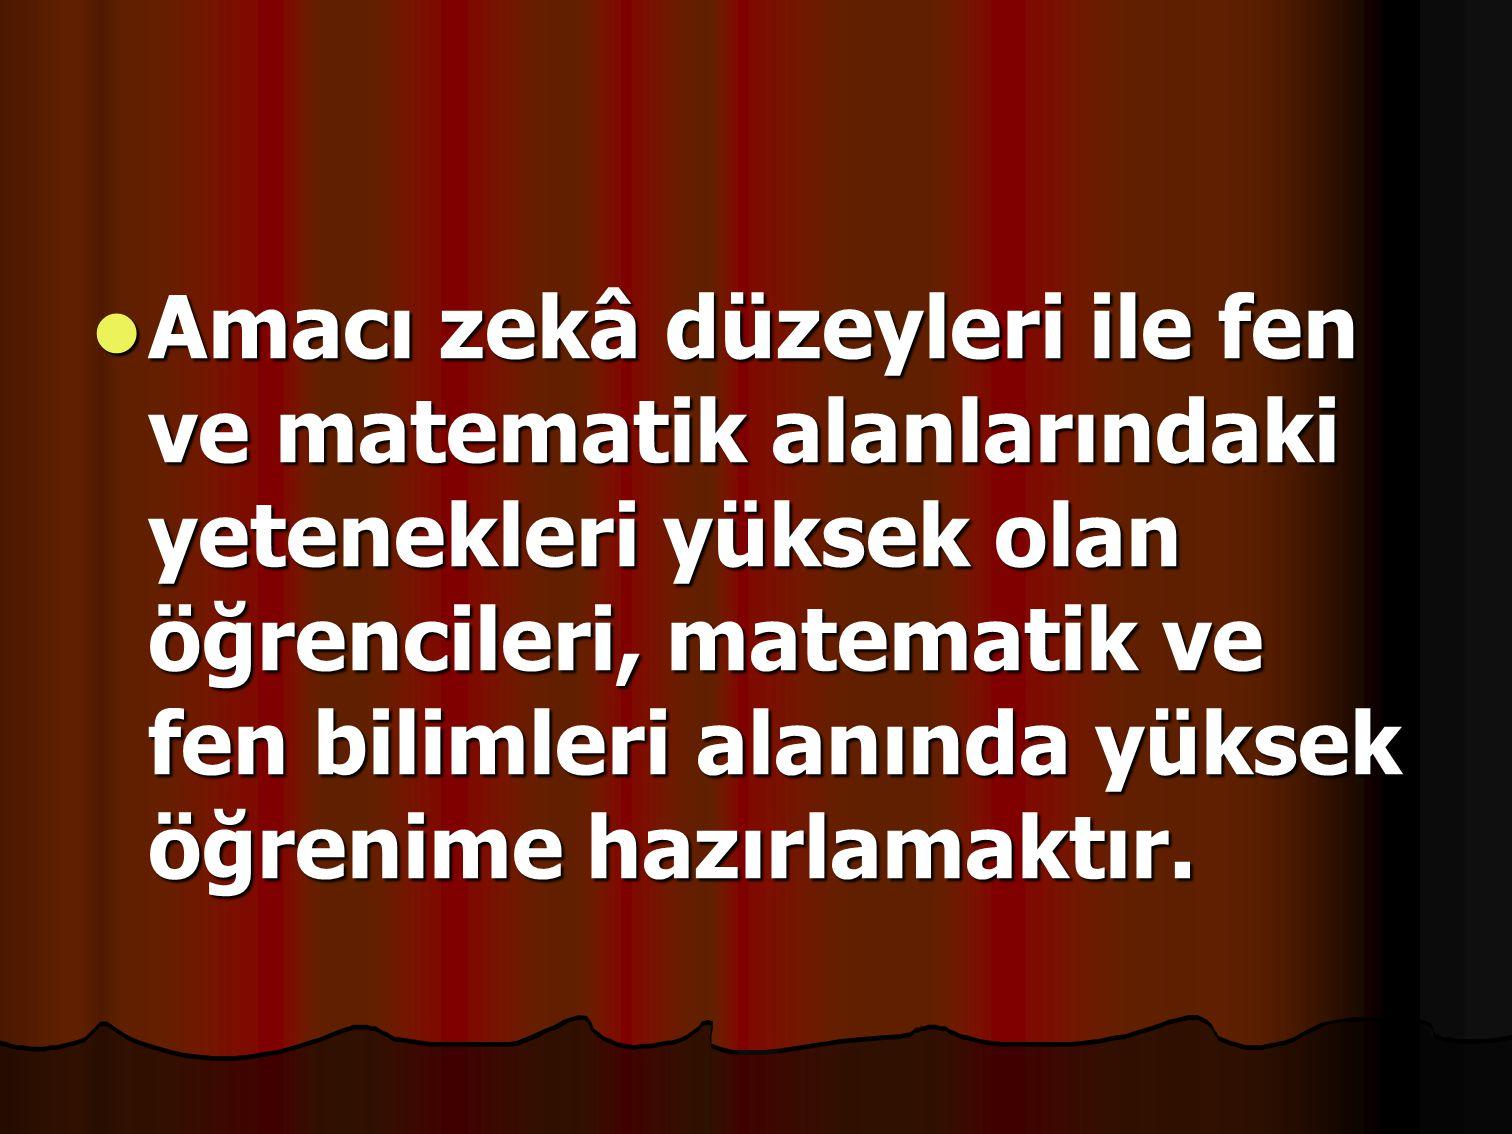 İlköğretim okulu 6 ıncı ve 7 nci sınıflarda Türkçe, Matematik ve Sosyal Bilgiler derslerinin her birinin yılsonu notunun en az 4 (dört) olması.